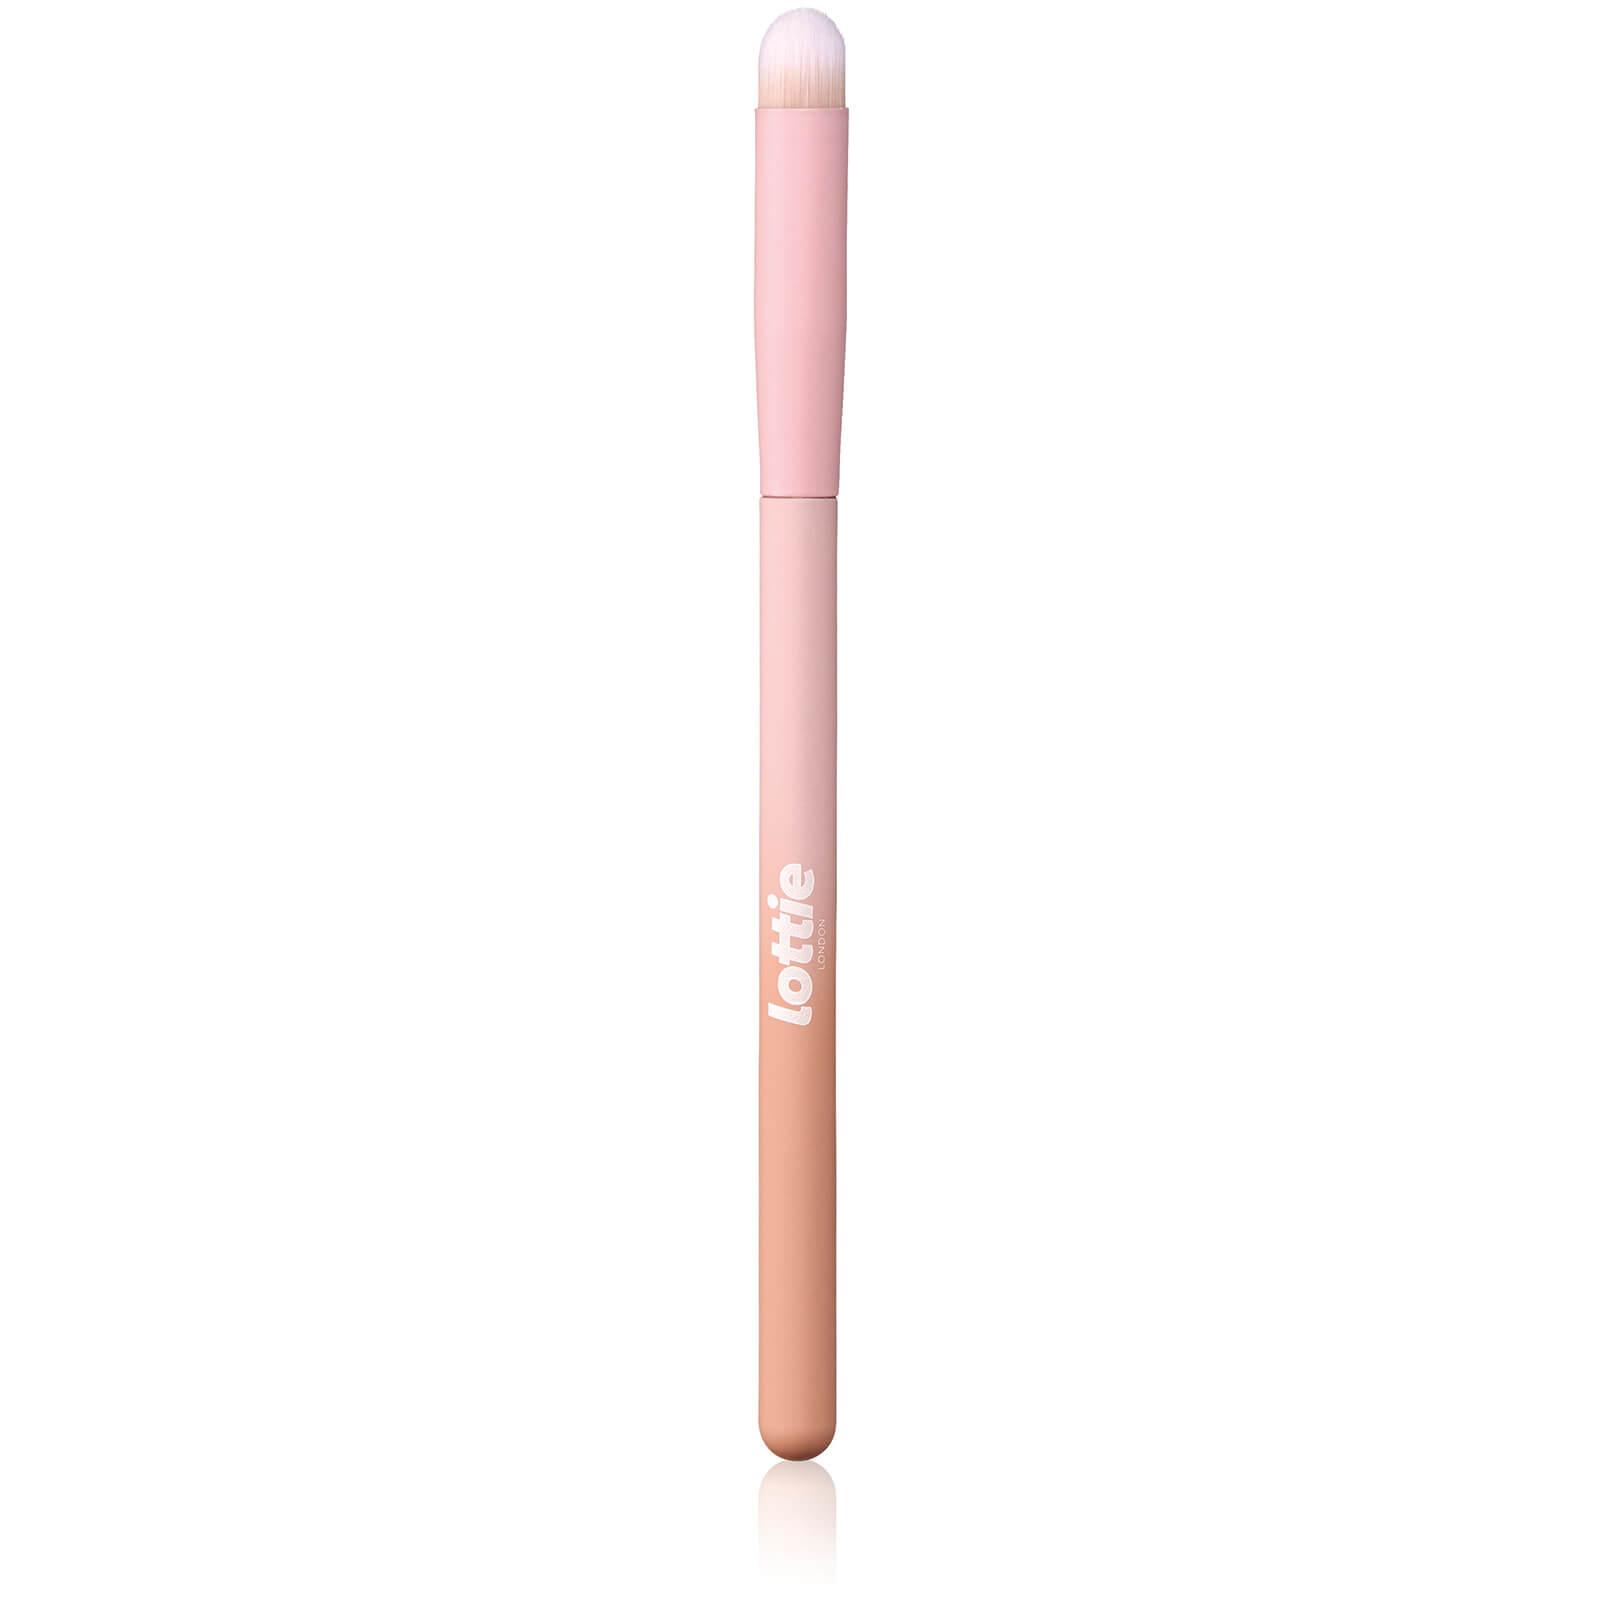 Lottie London LE05 Dense Smudger Brush